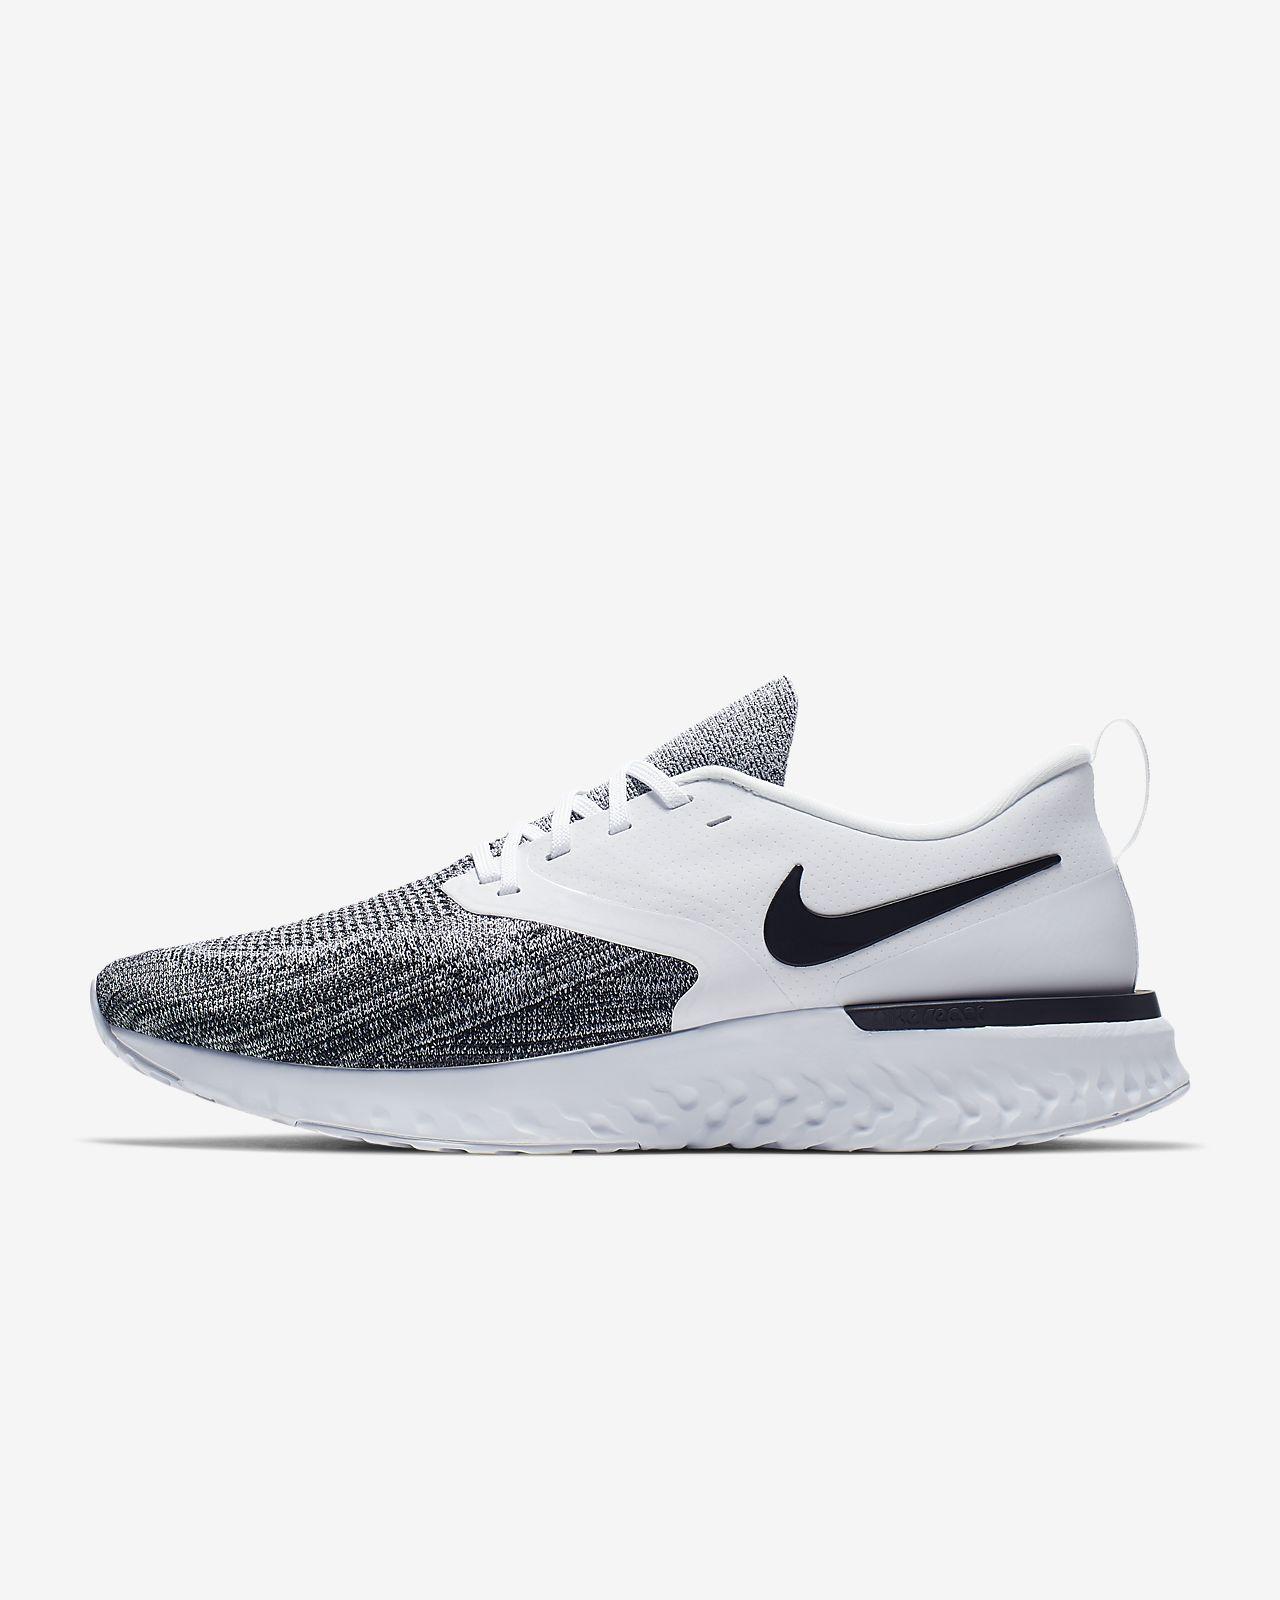 c76964a37b9 Nike Odyssey React Flyknit 2 Men s Running Shoe. Nike.com